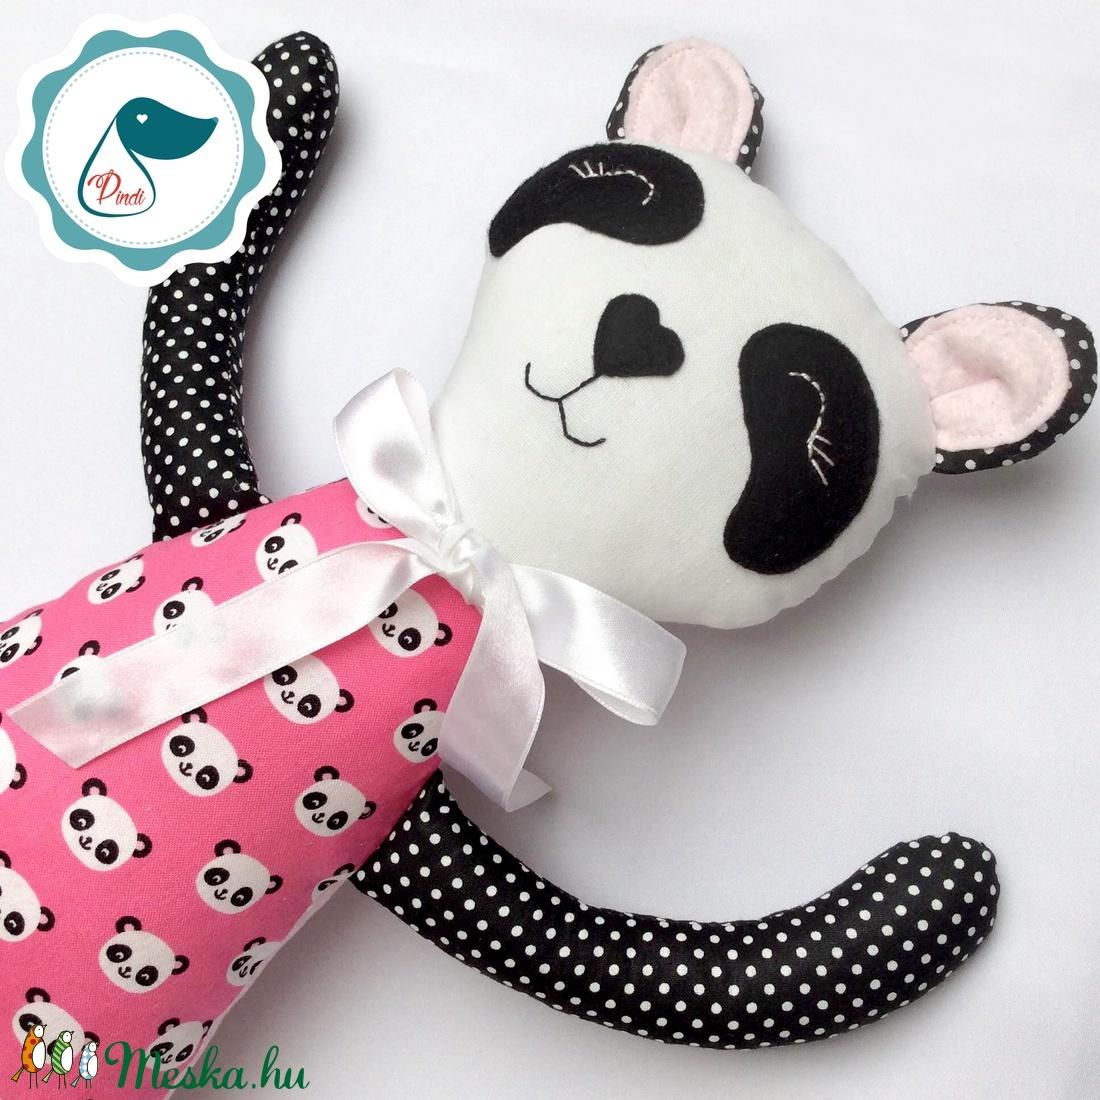 Panda lány - Egyedi tervezésű kézműves textil játék - pandamaci játék - panda textilfigura - játék & gyerek - plüssállat & játékfigura - cica - Meska.hu